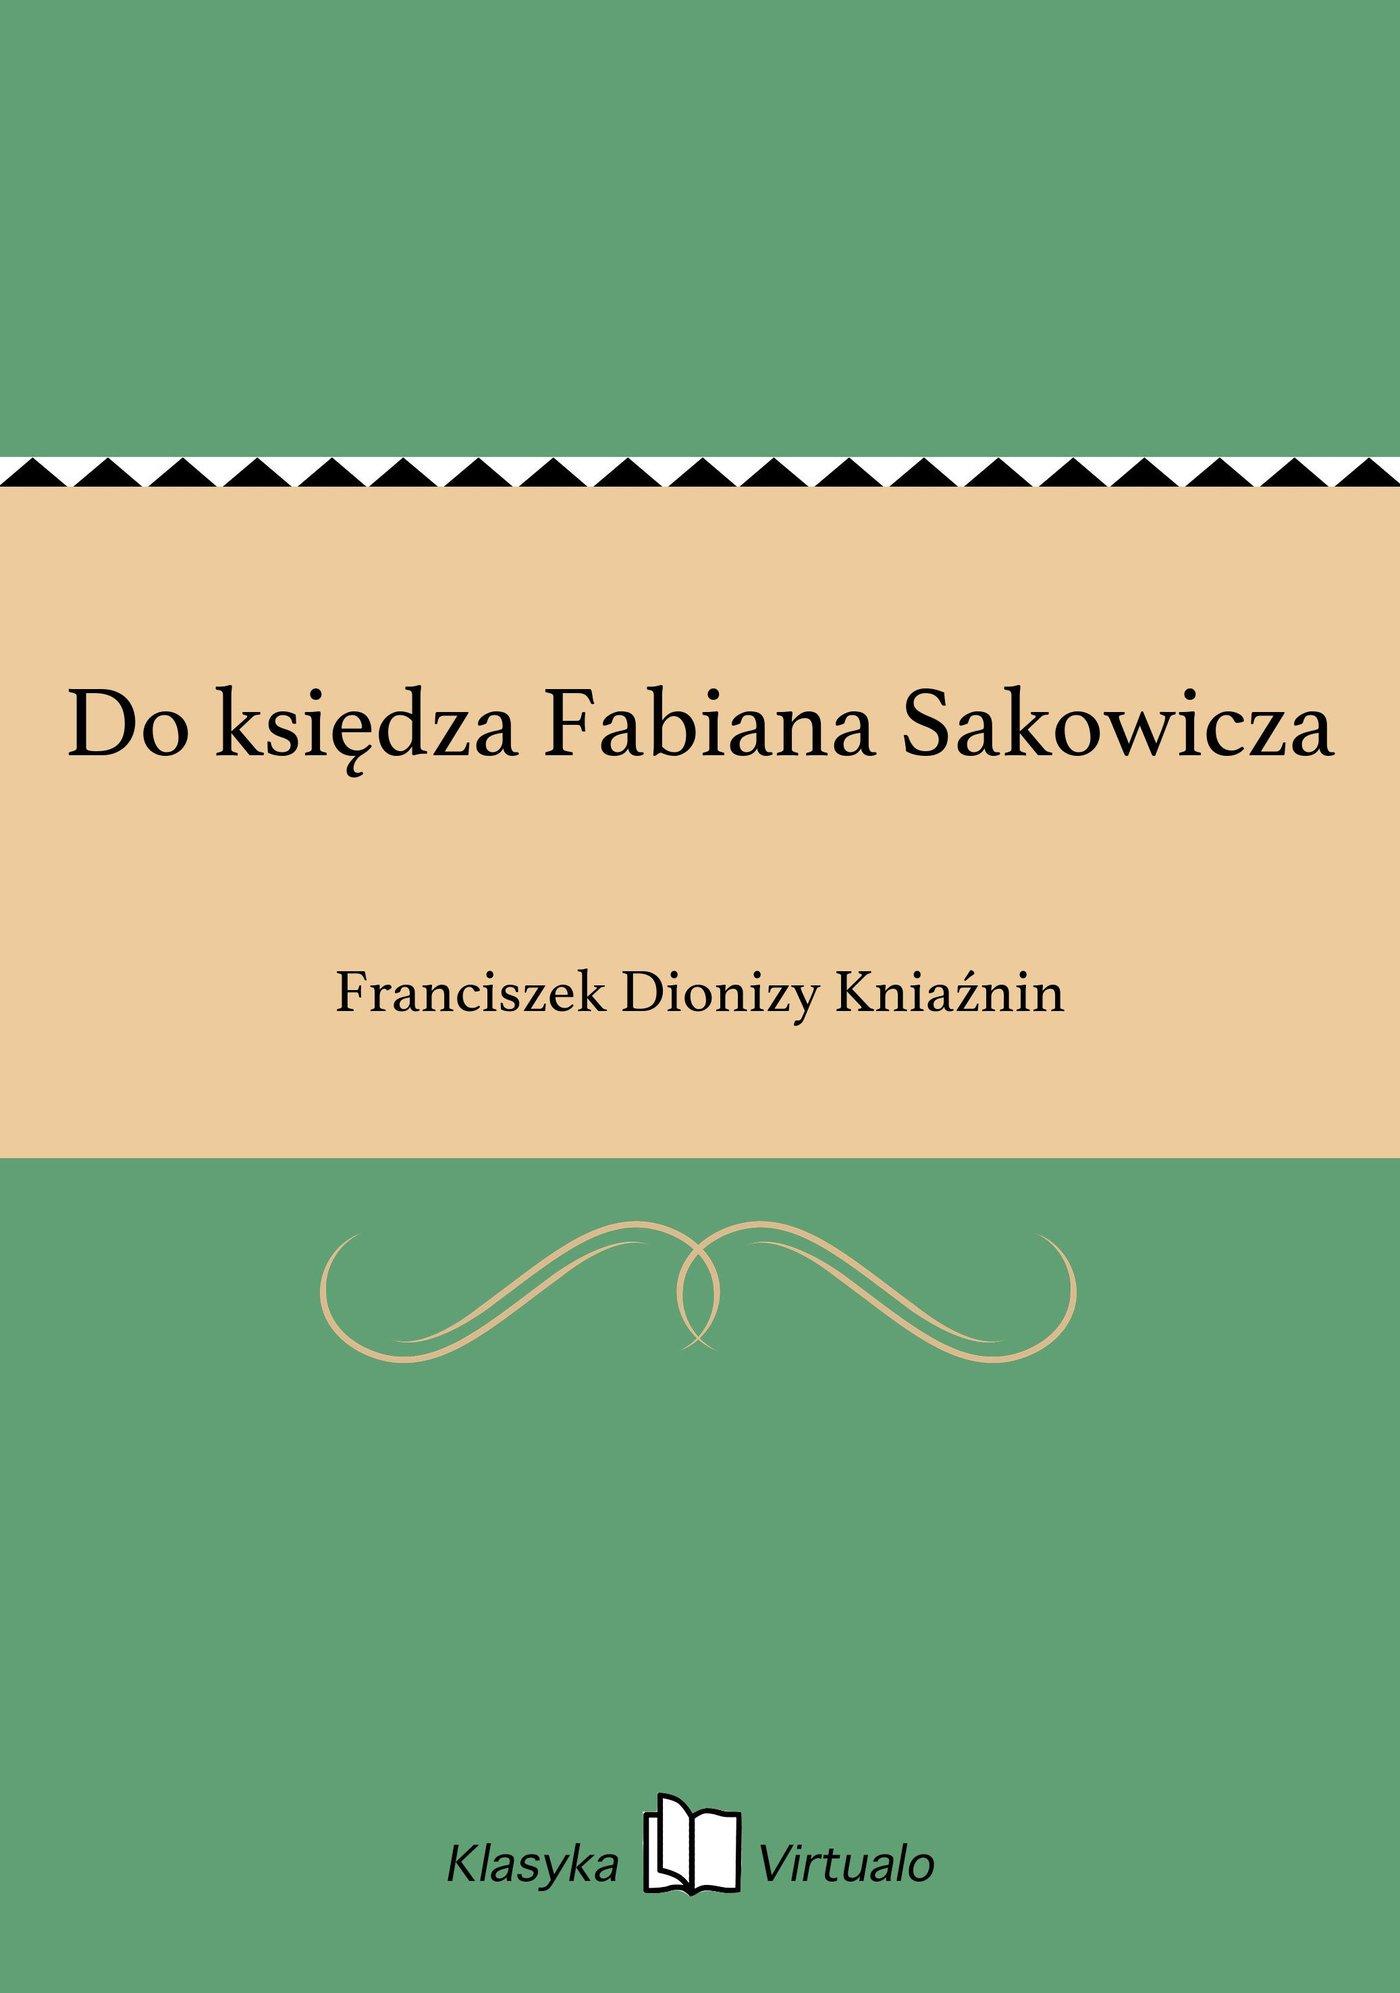 Do księdza Fabiana Sakowicza - Ebook (Książka EPUB) do pobrania w formacie EPUB